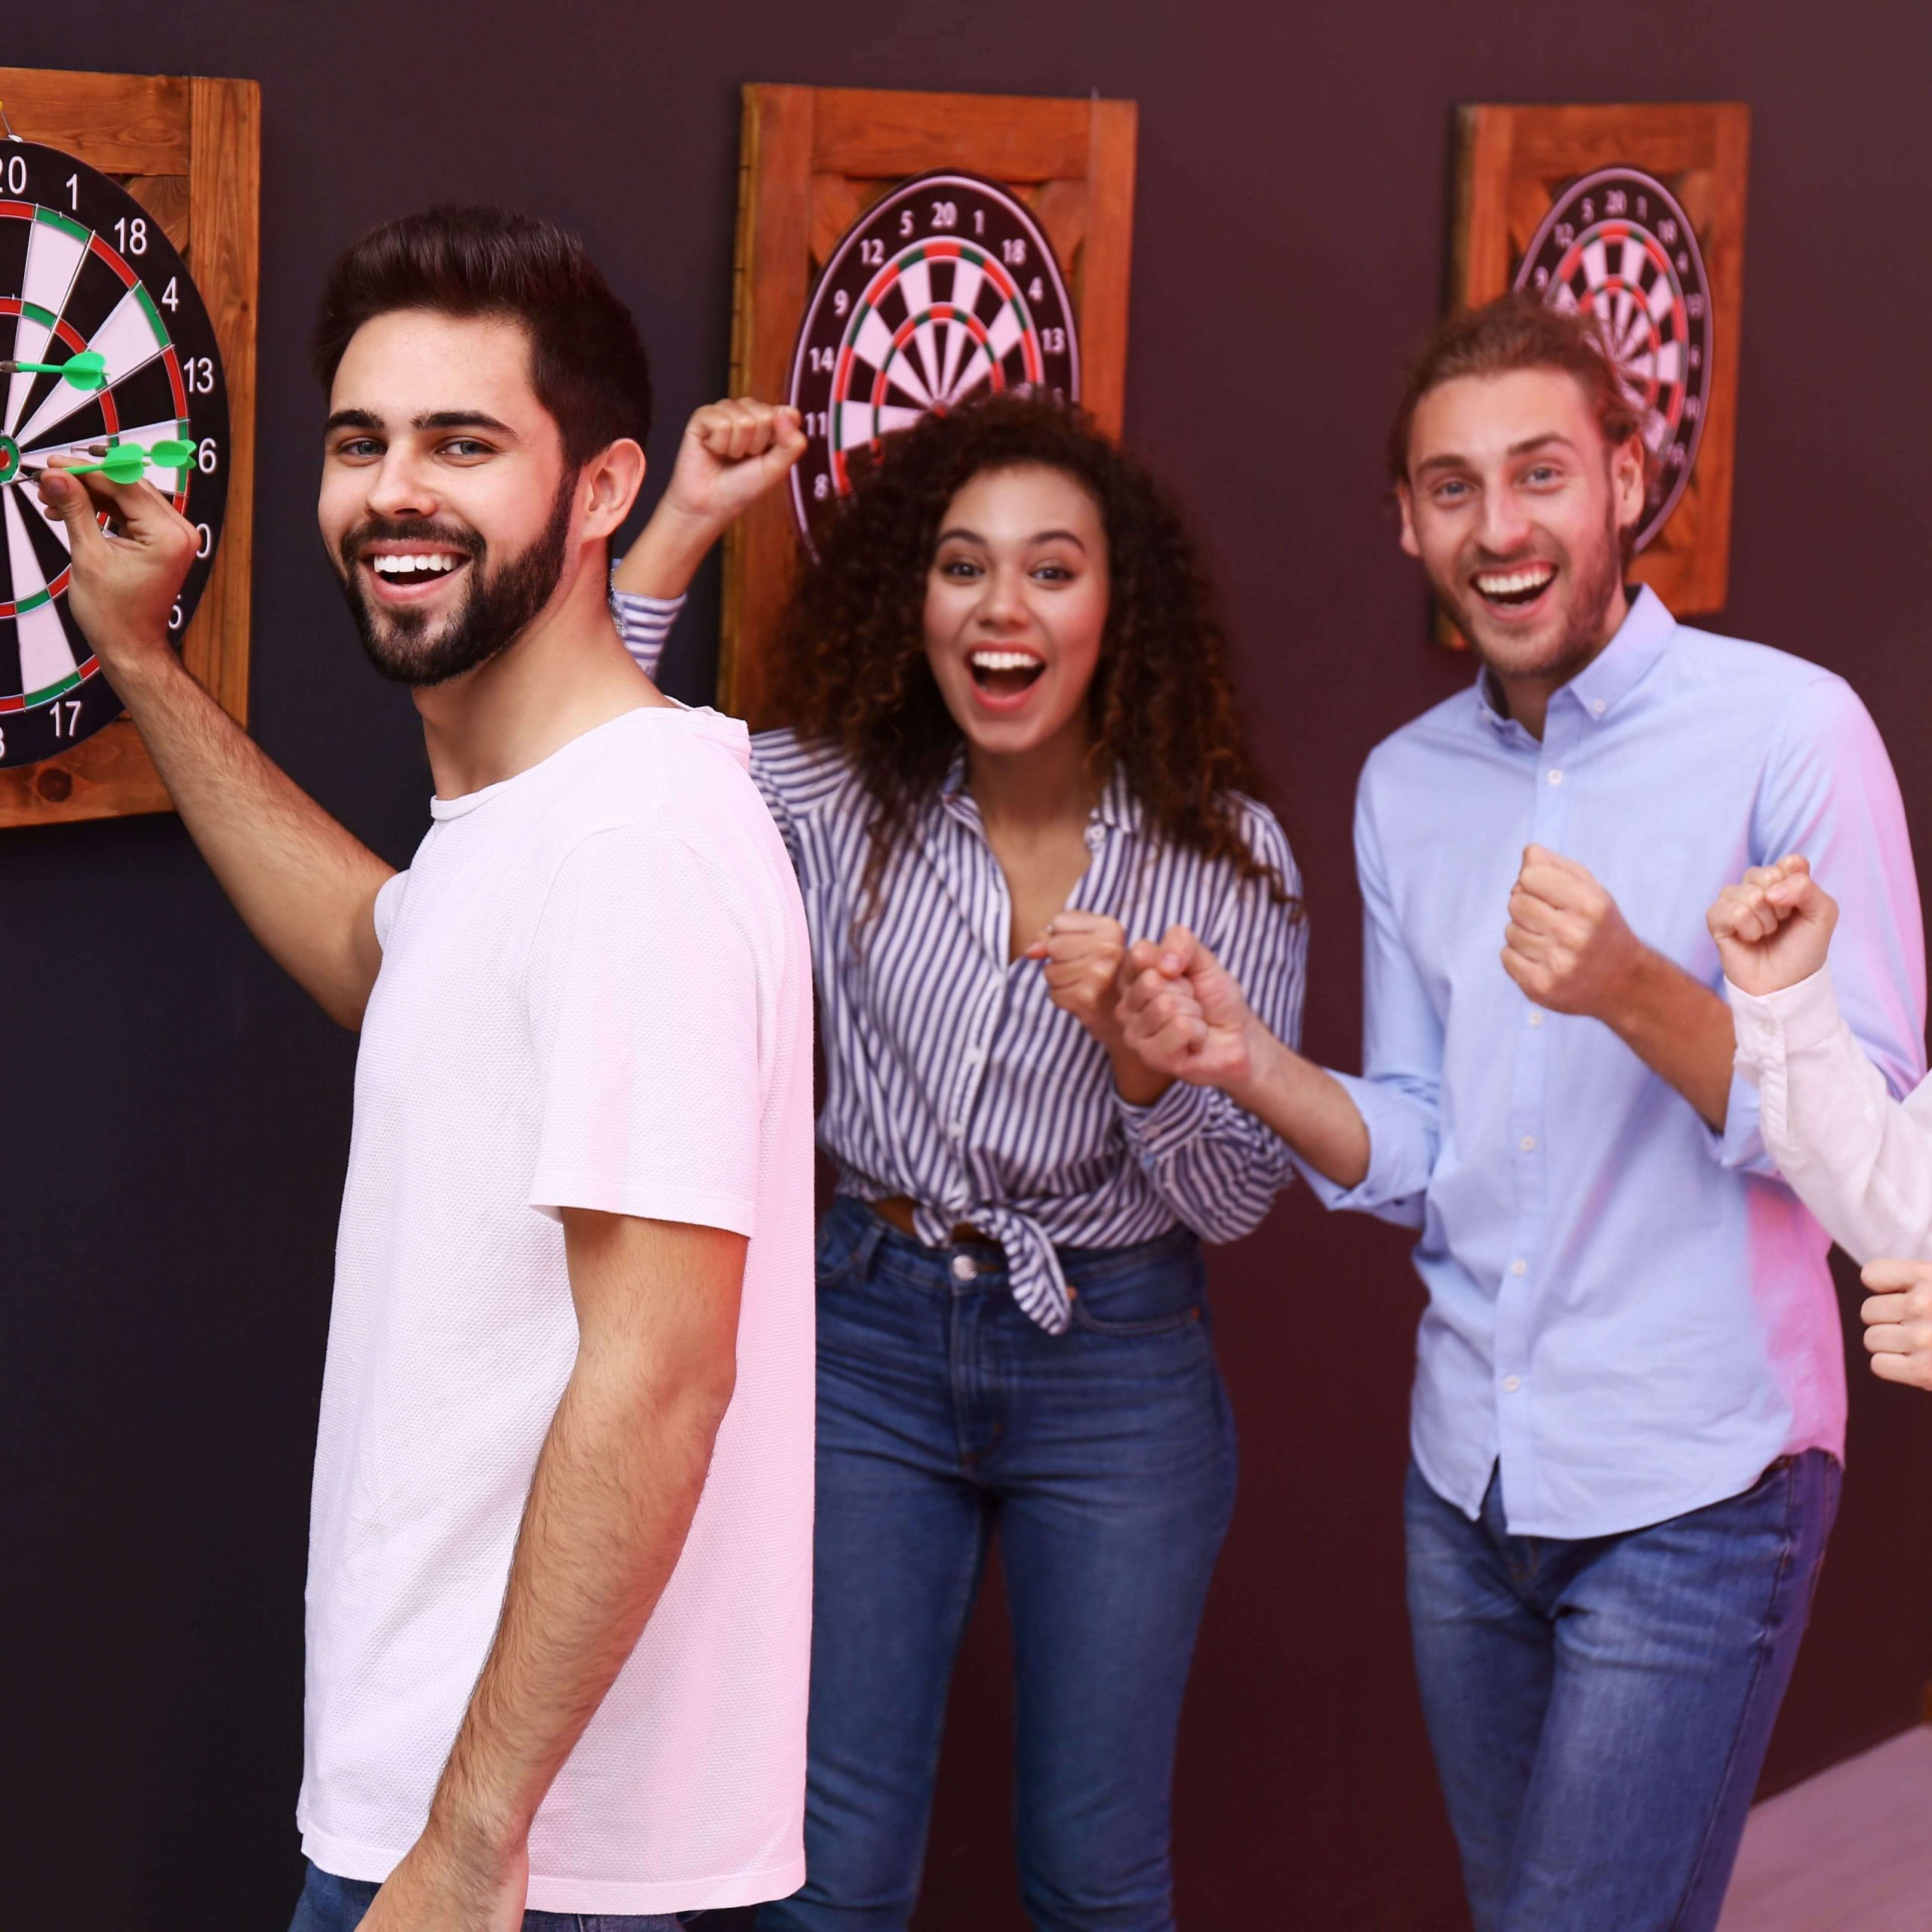 Freunde beim Dartspiel